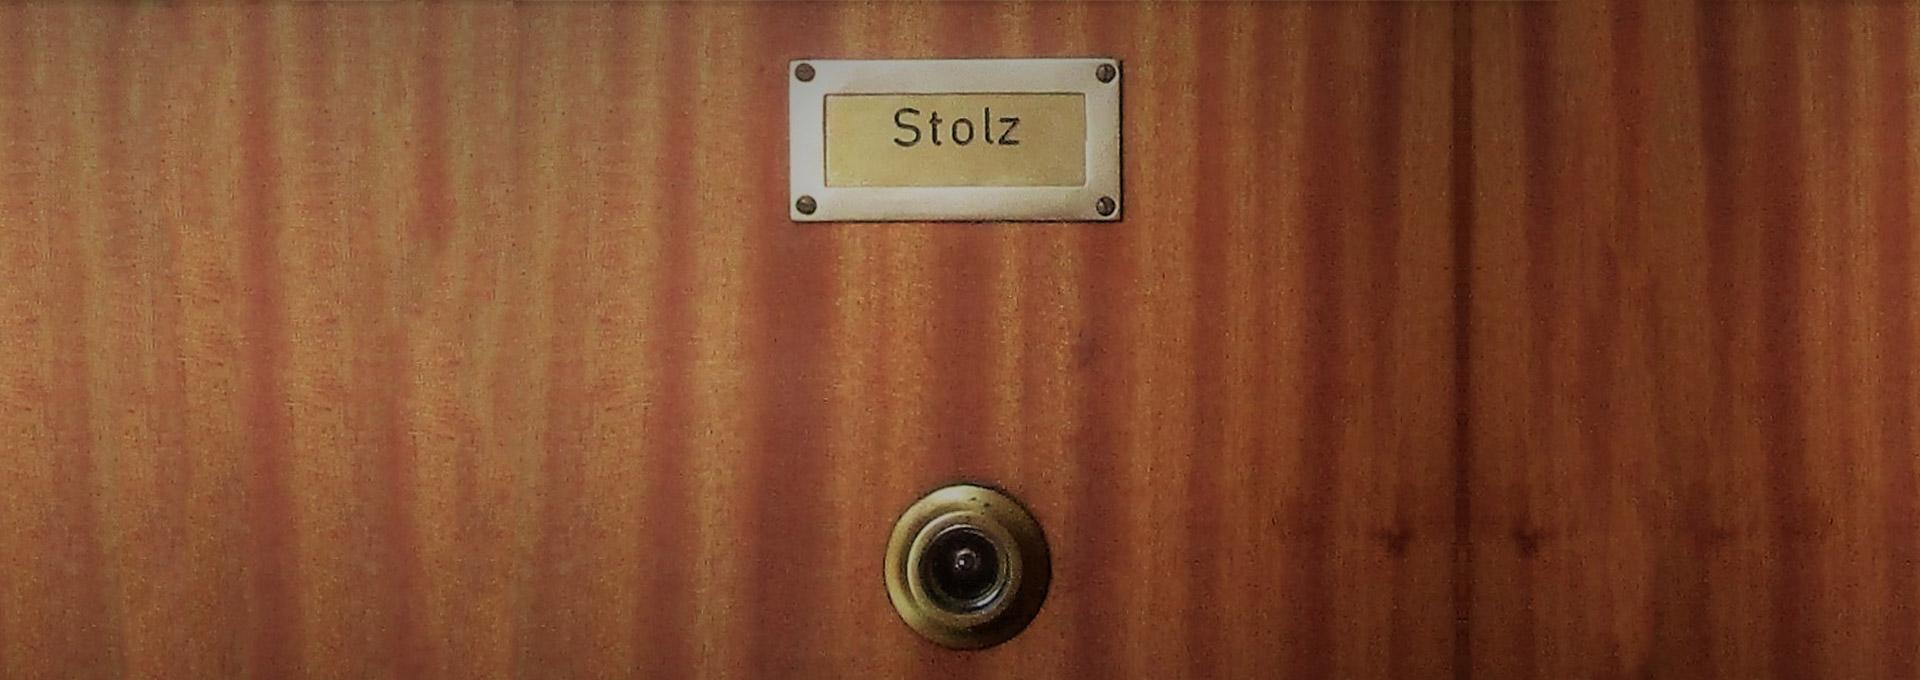 Gabriele Stolz